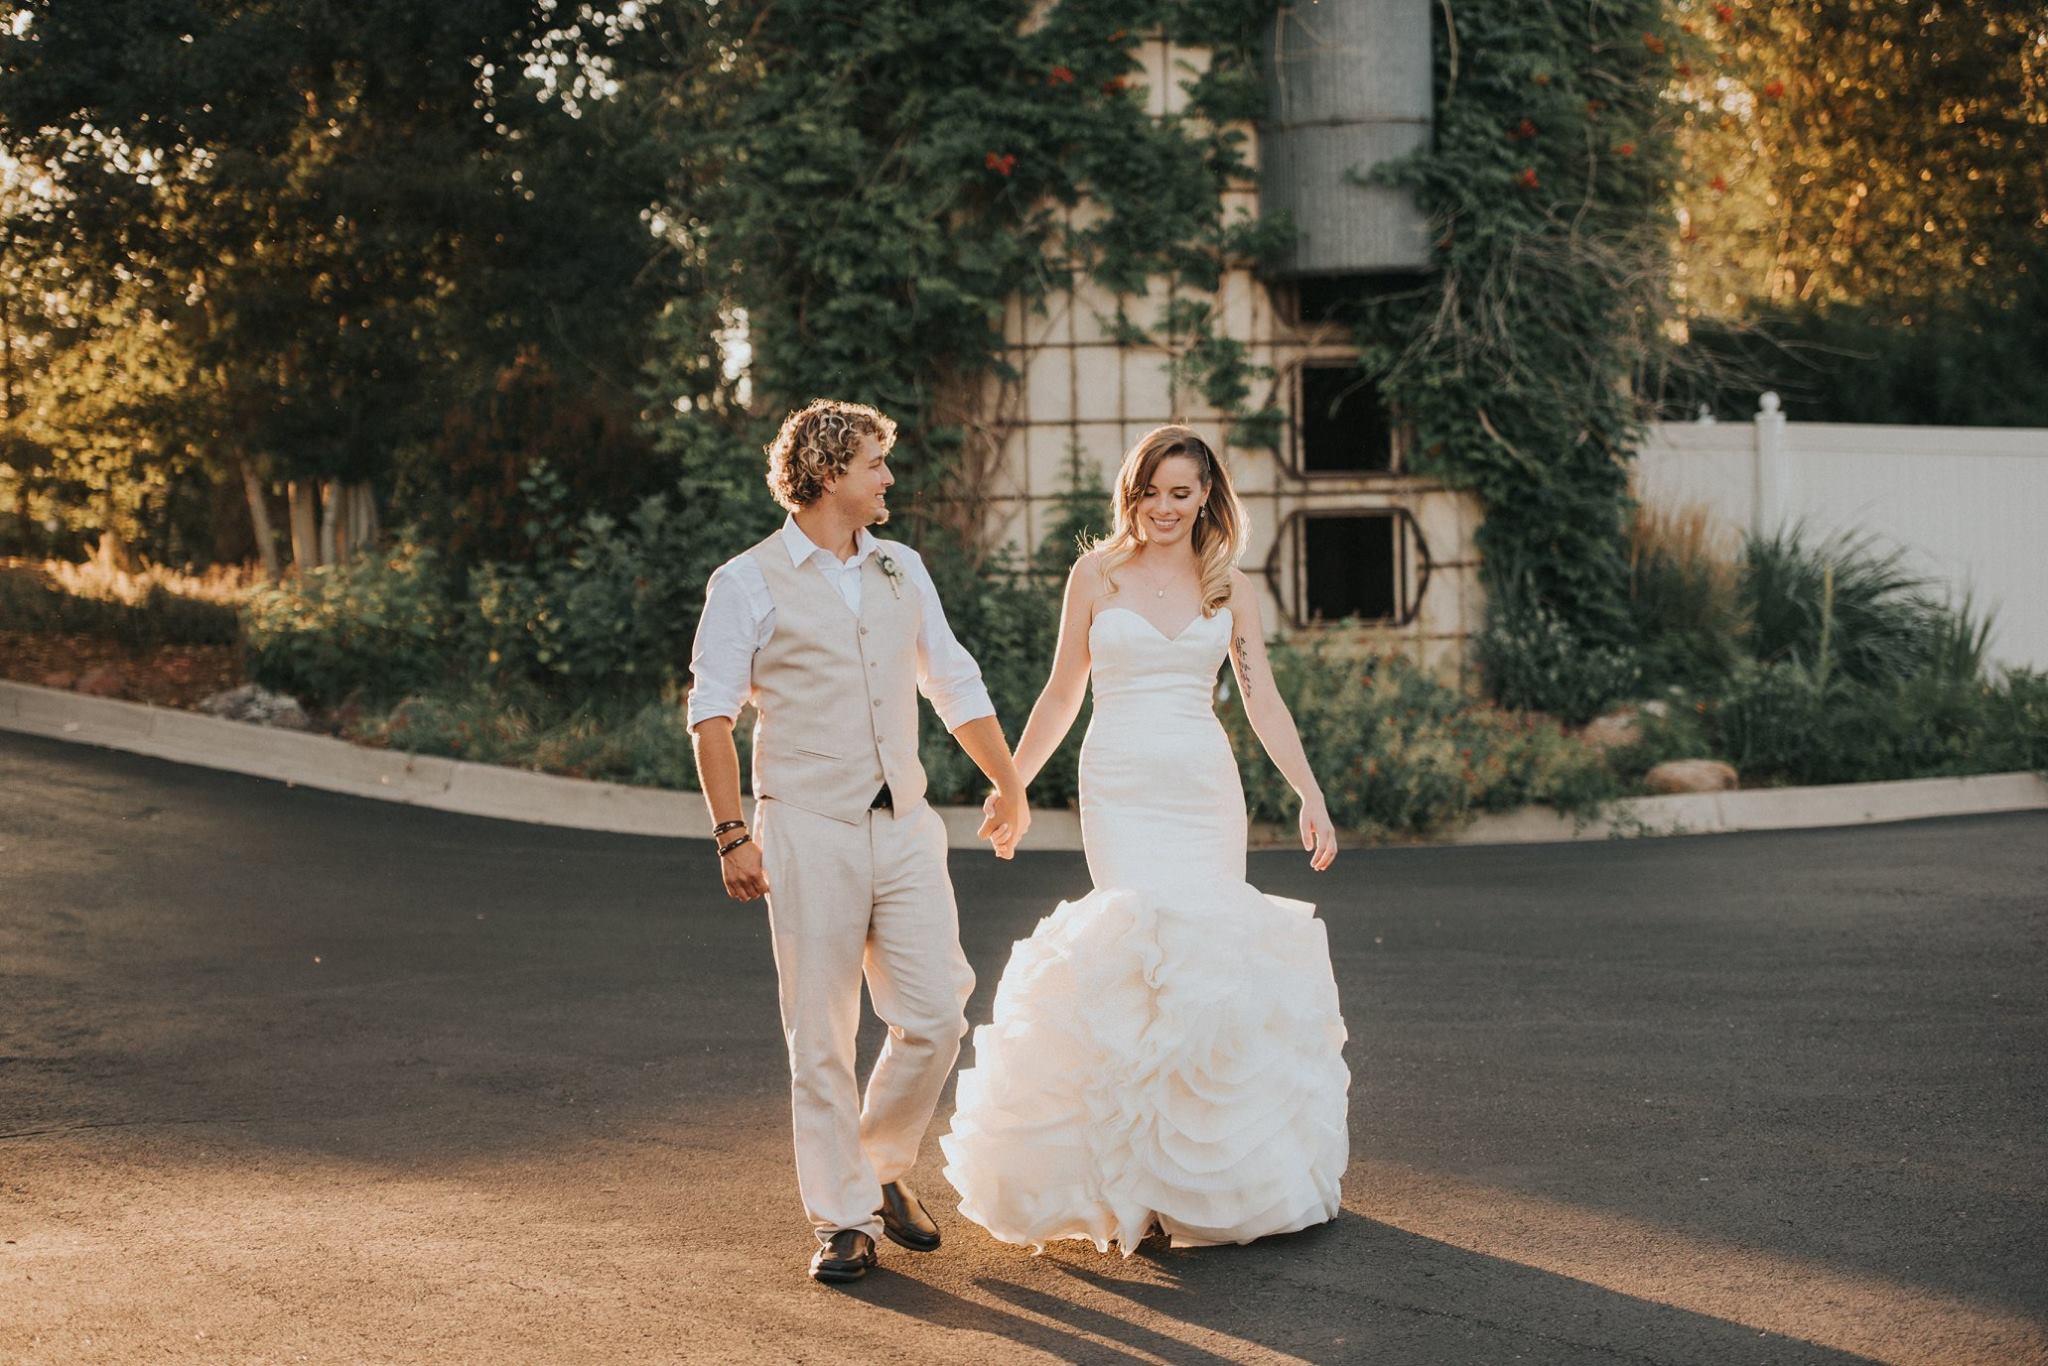 wedding-updo